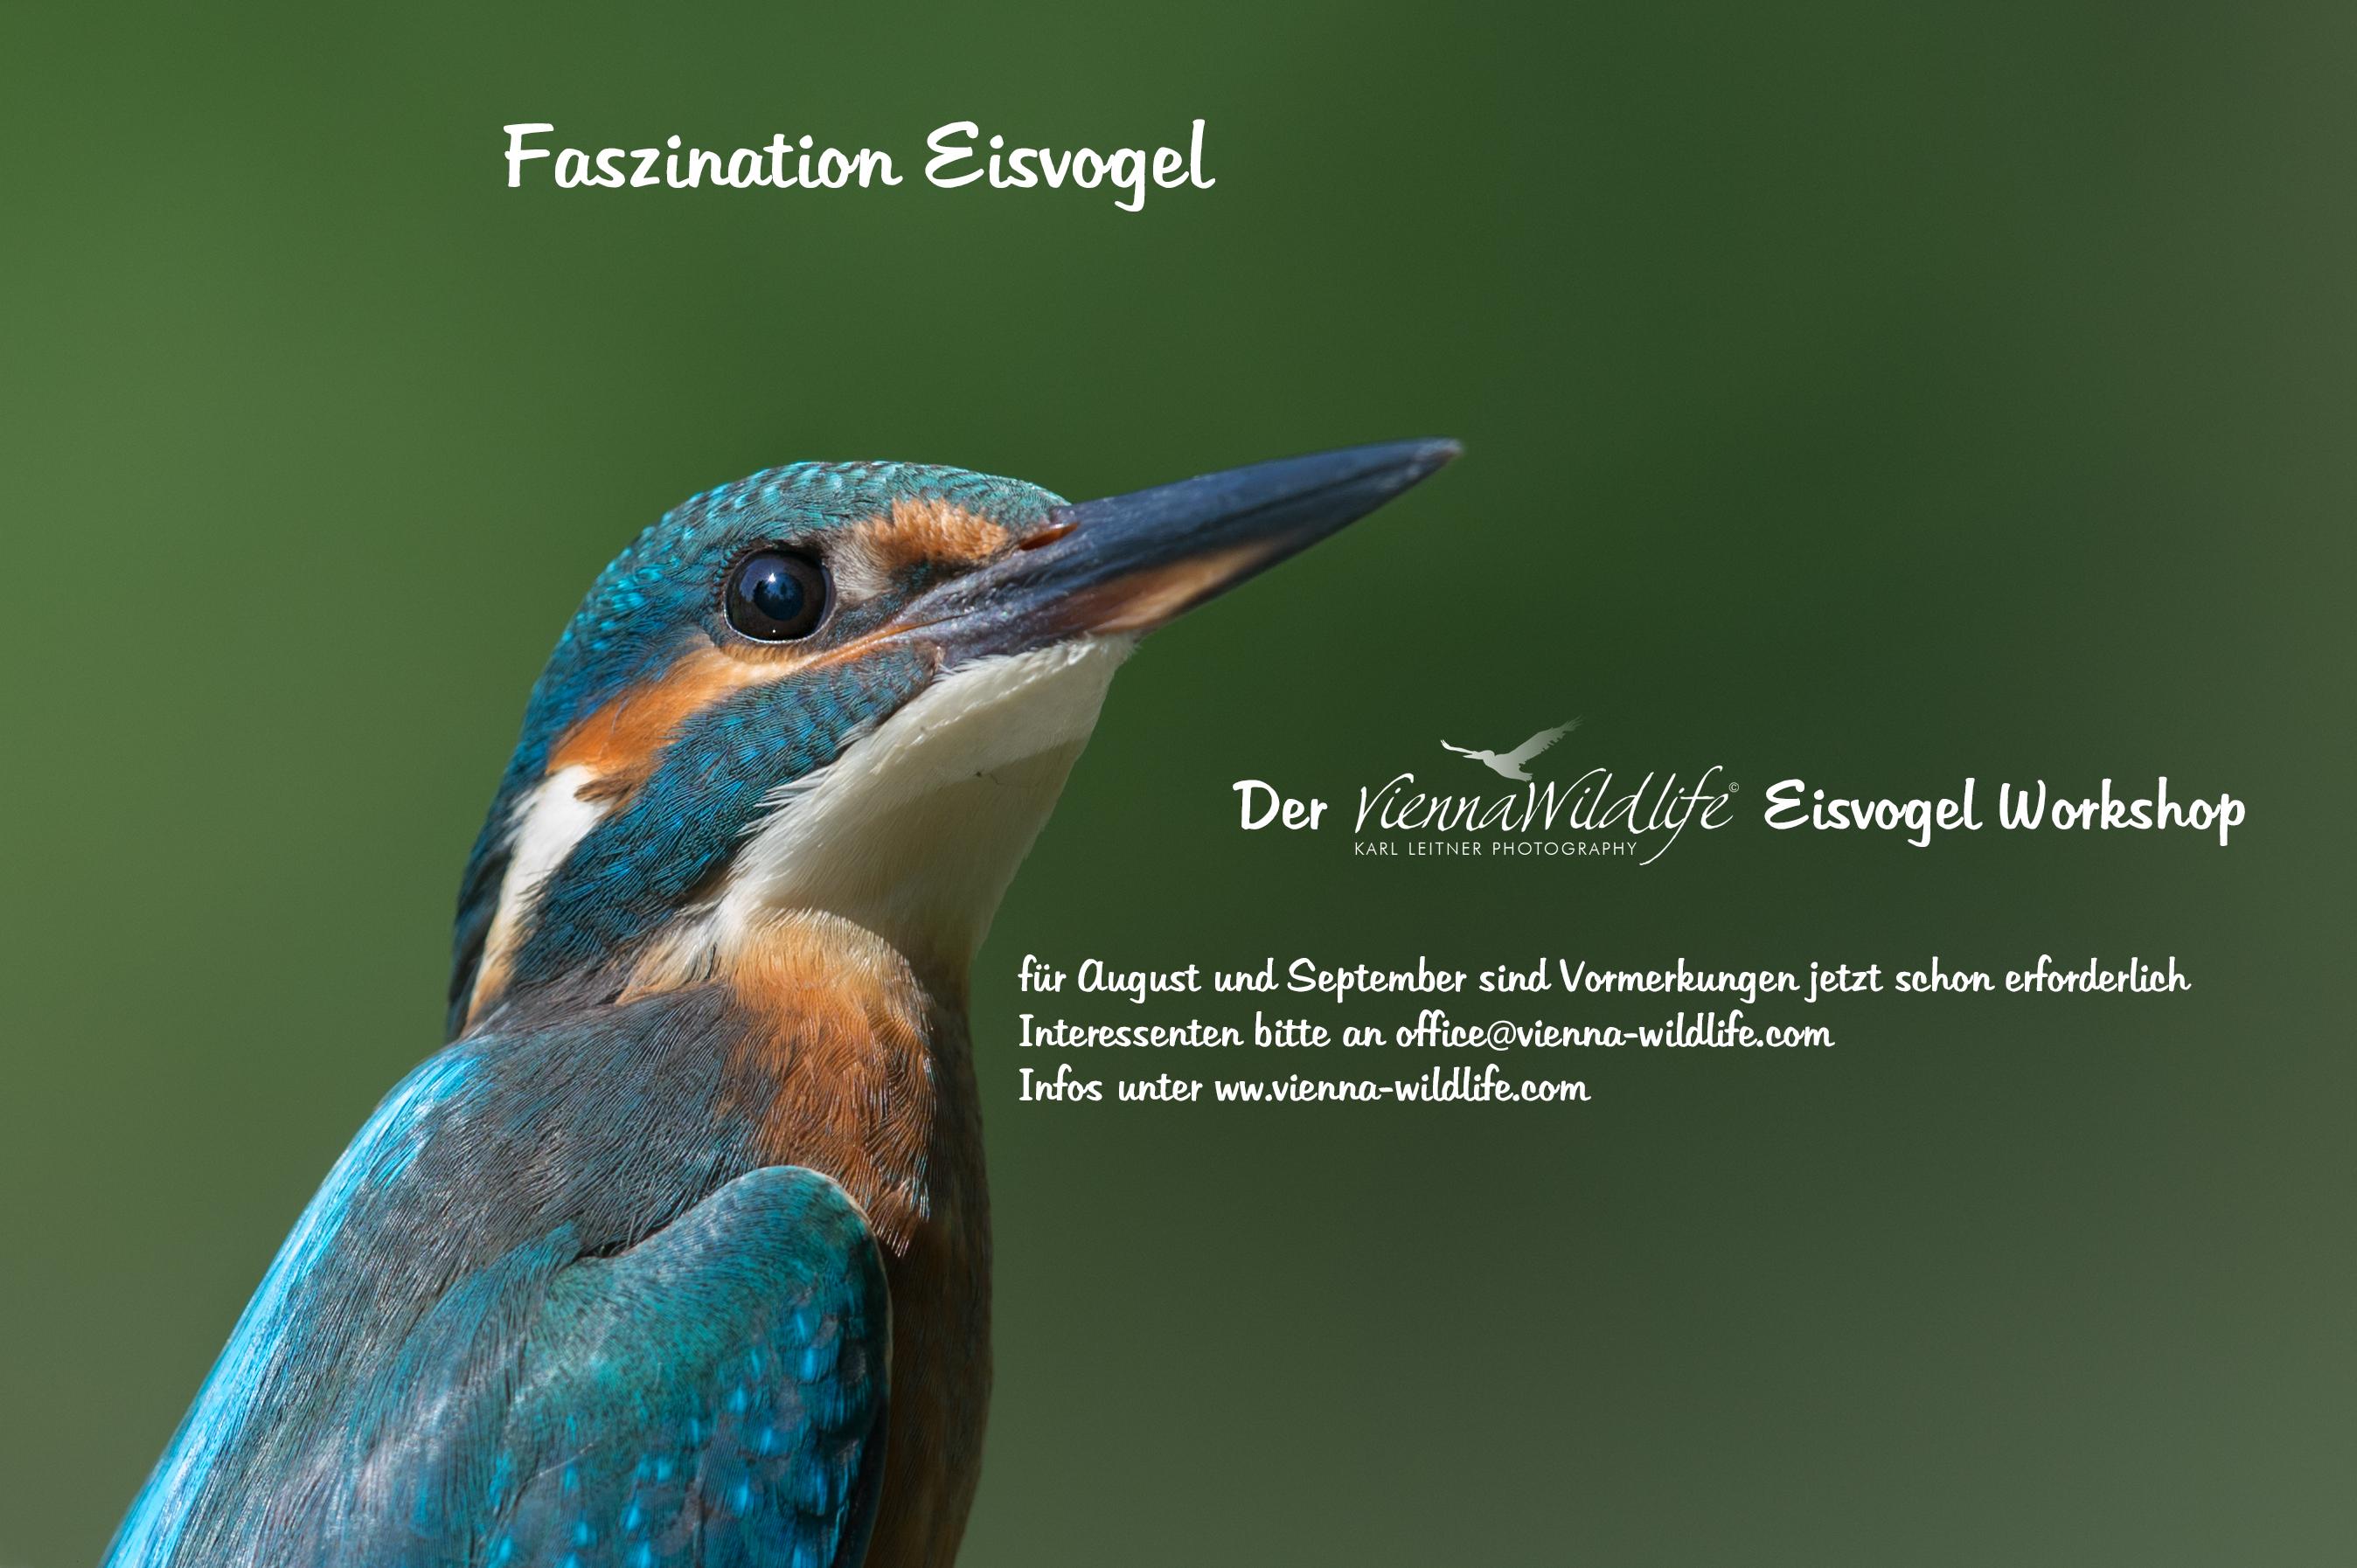 Vienna Wildlife Eisvogel-workshop